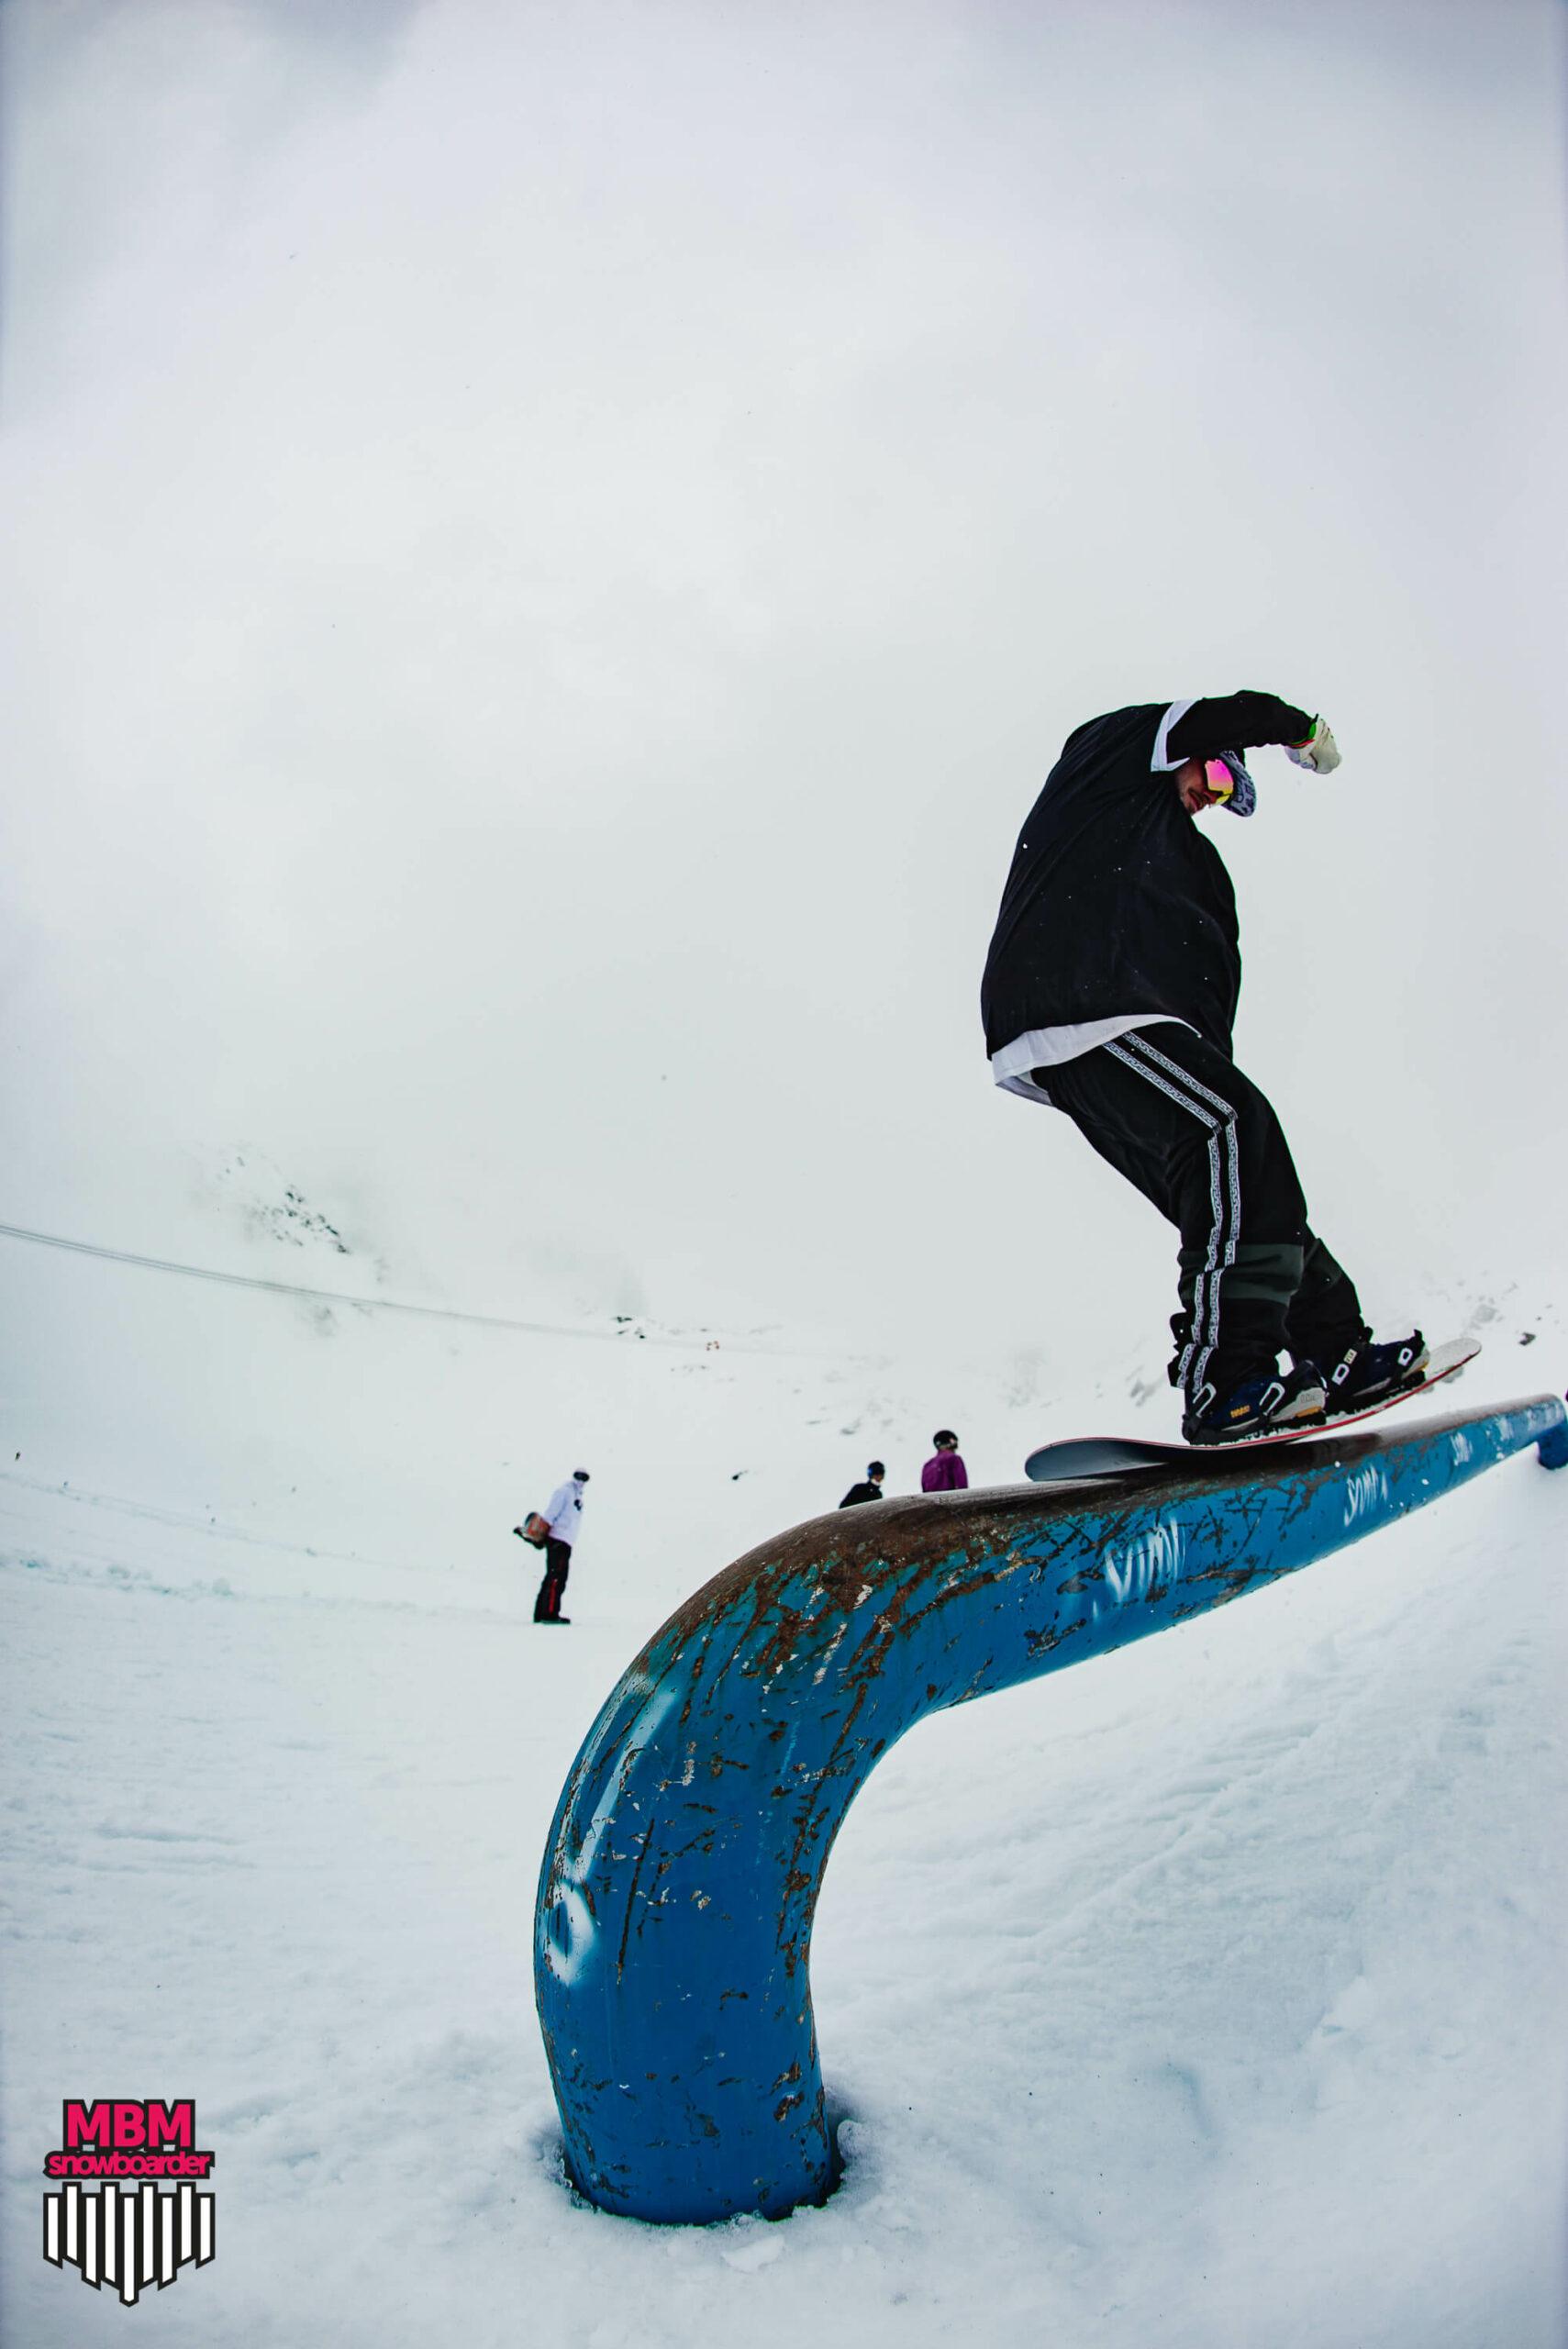 snowboarderMBM_sd_kaunertal_088